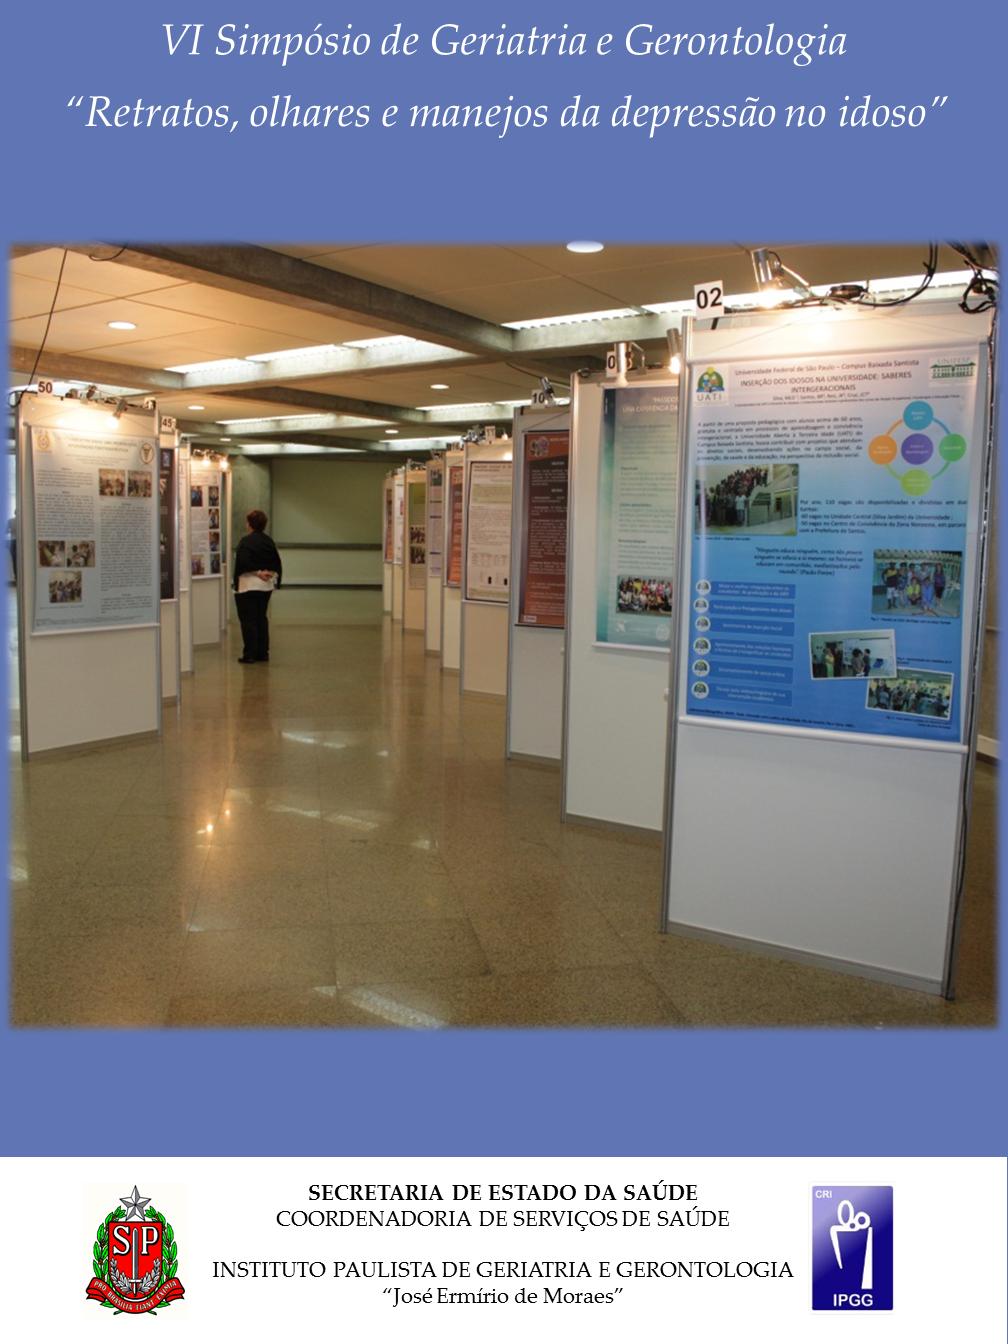 IPGG - Resumo dos Trabalhos do VI Simpósio 2014